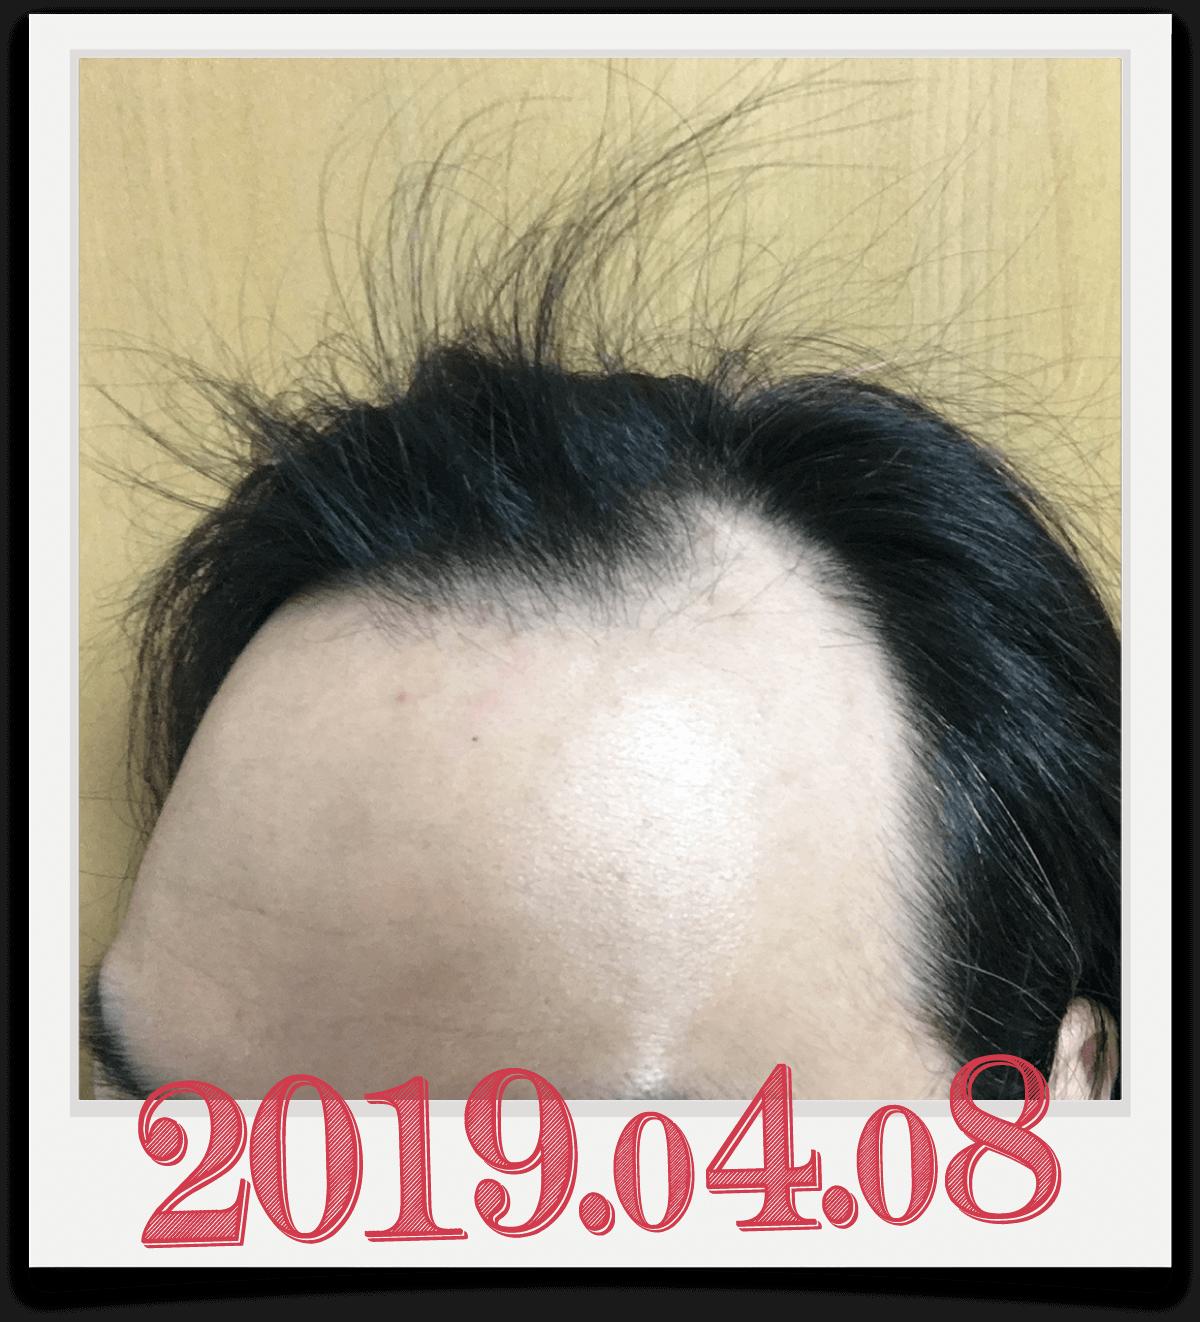 2019年4月8日に撮影した頭部画像2